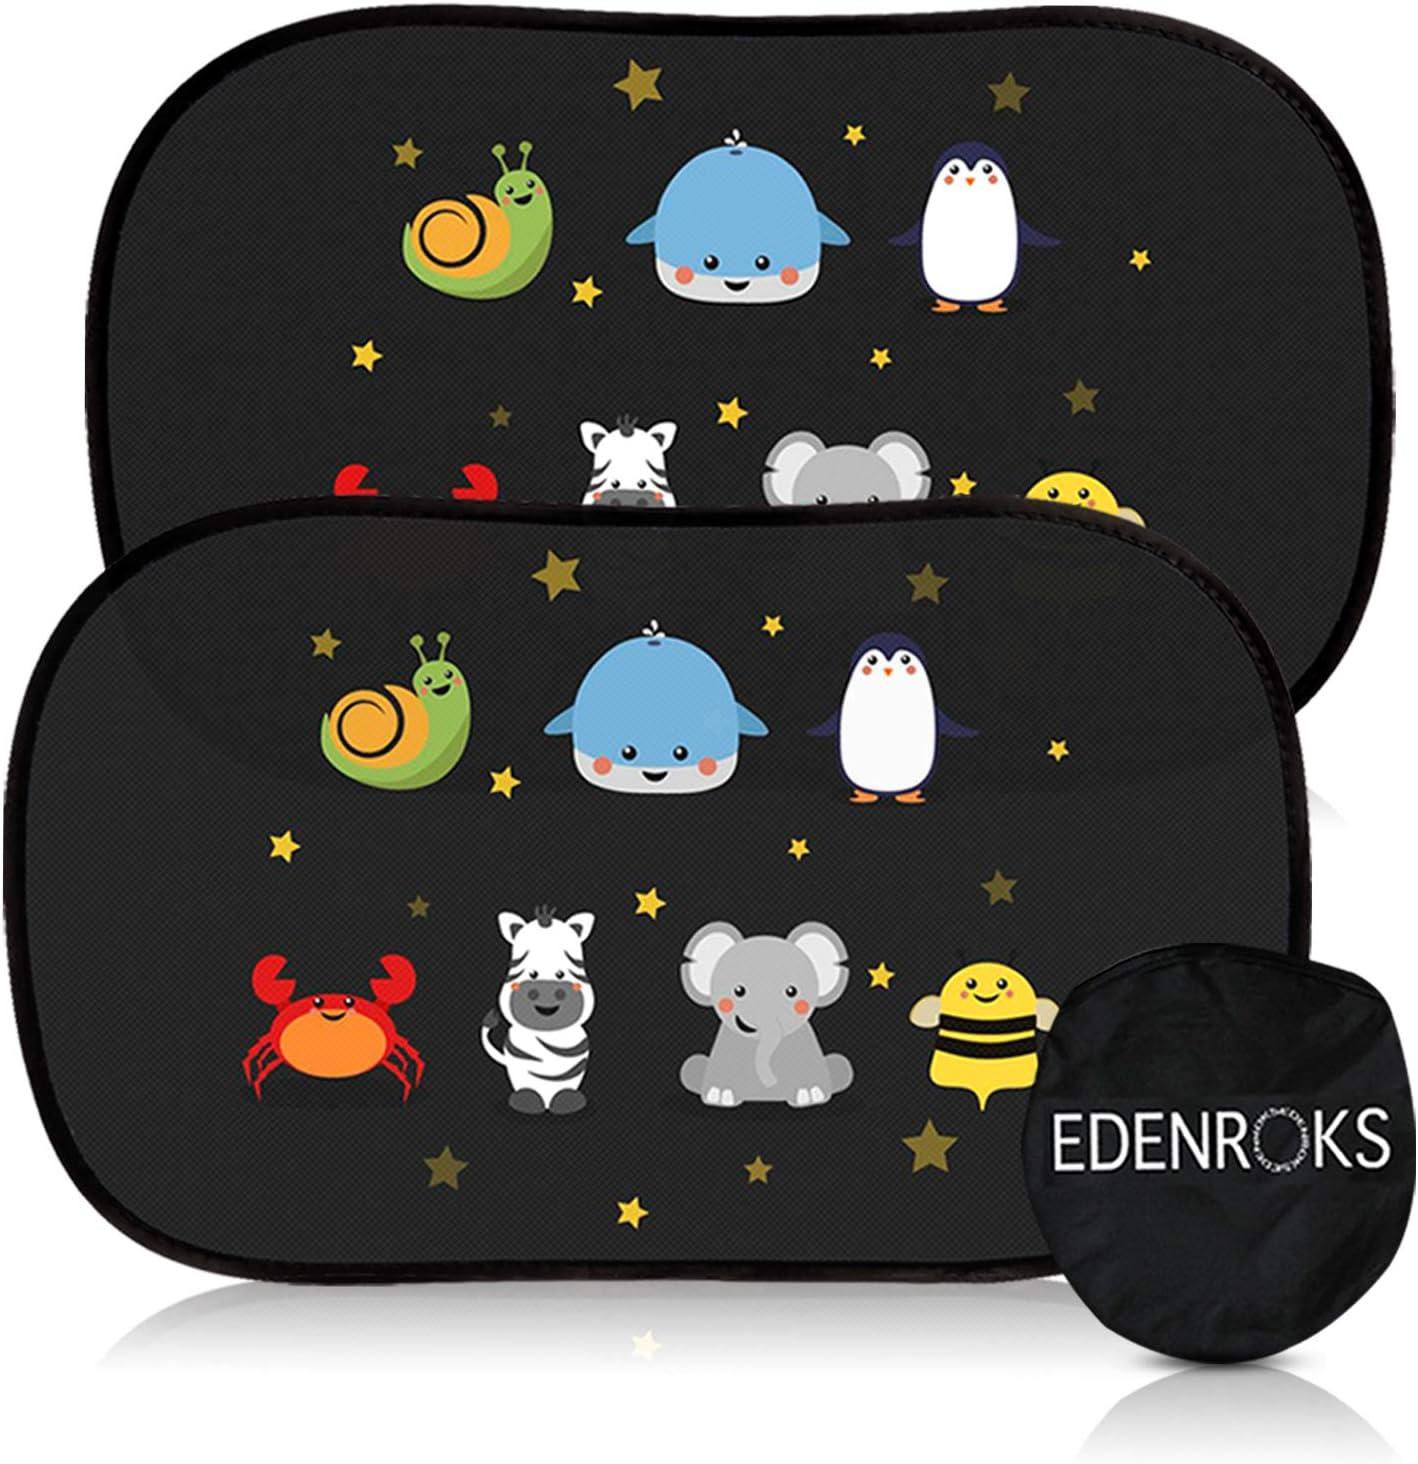 Edenroks - Cortinas parasol para coche para niños – Seguras – Se adhieren sin pegamento ni ventosas – Cortinas opacas plegables con funda protectora – 2 unidades de 51 x 31 cm